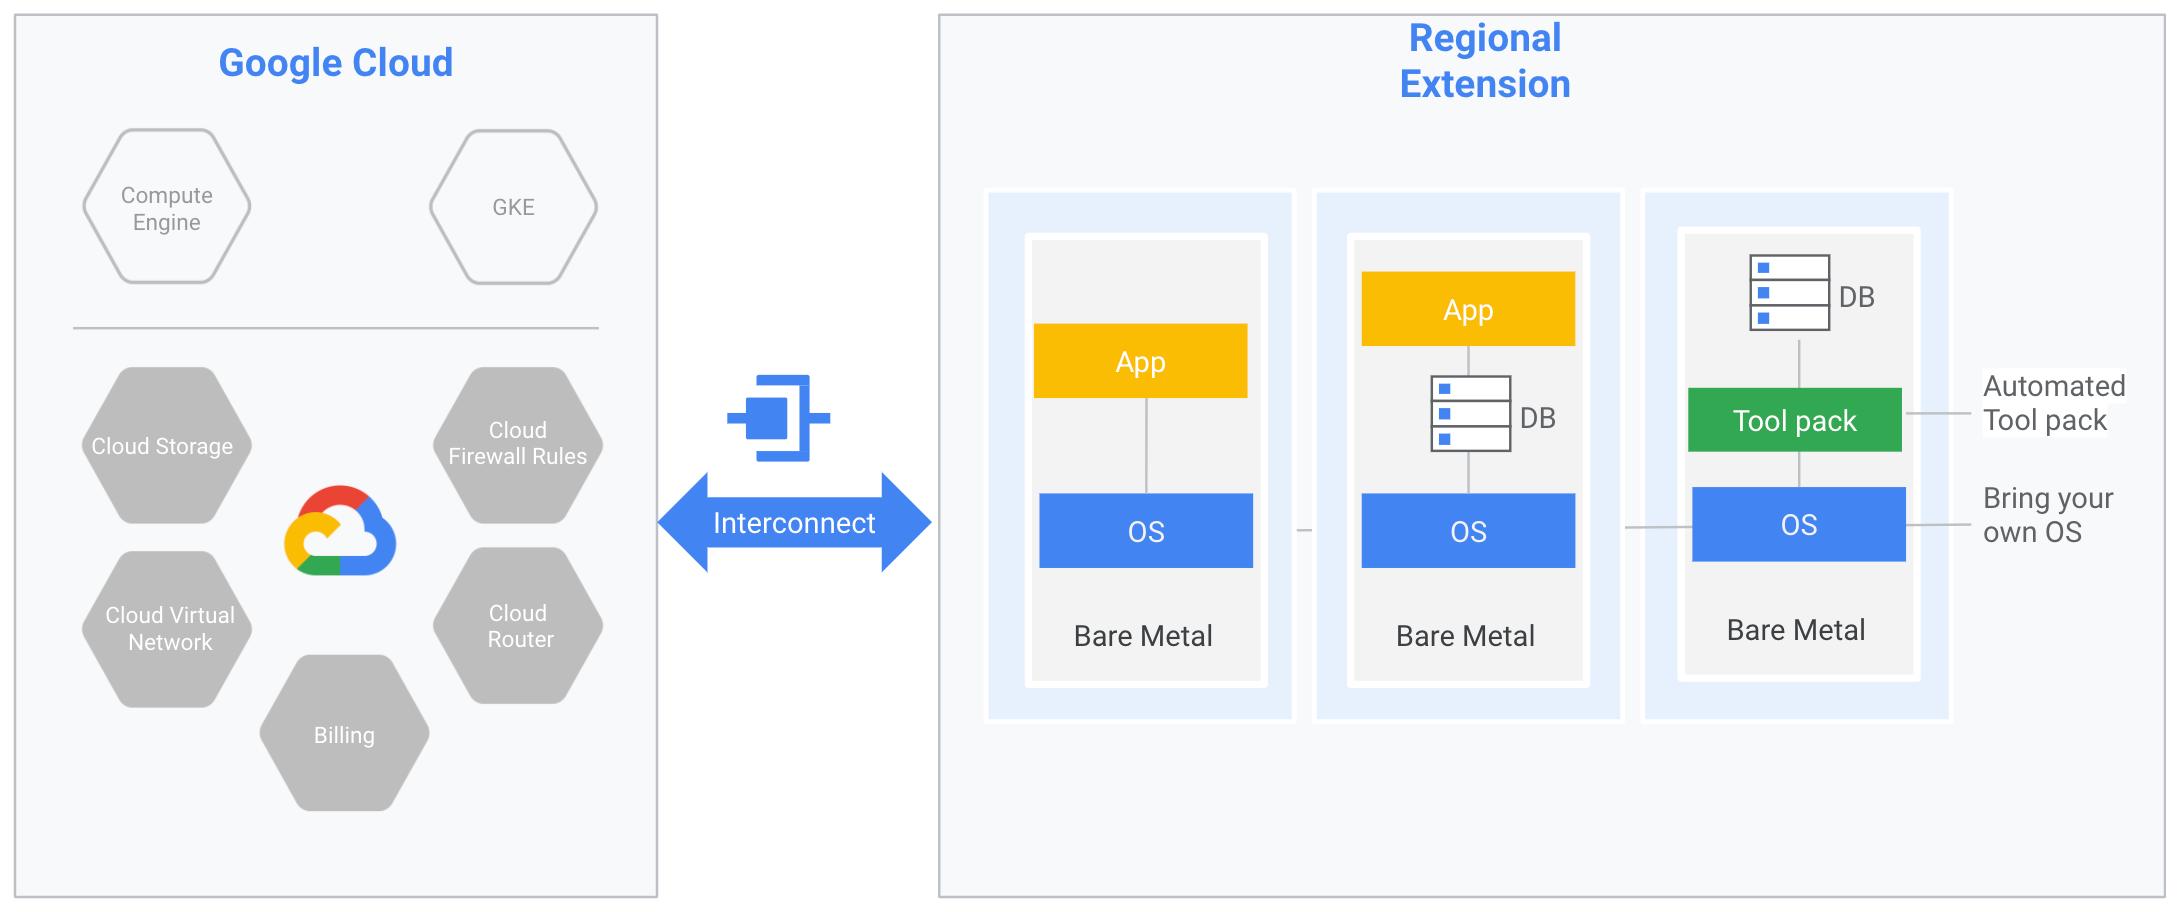 Las máquinas BareMetal se muestran en una extensión regional que se ubica junto a un centro de datos de GoogleCloud.